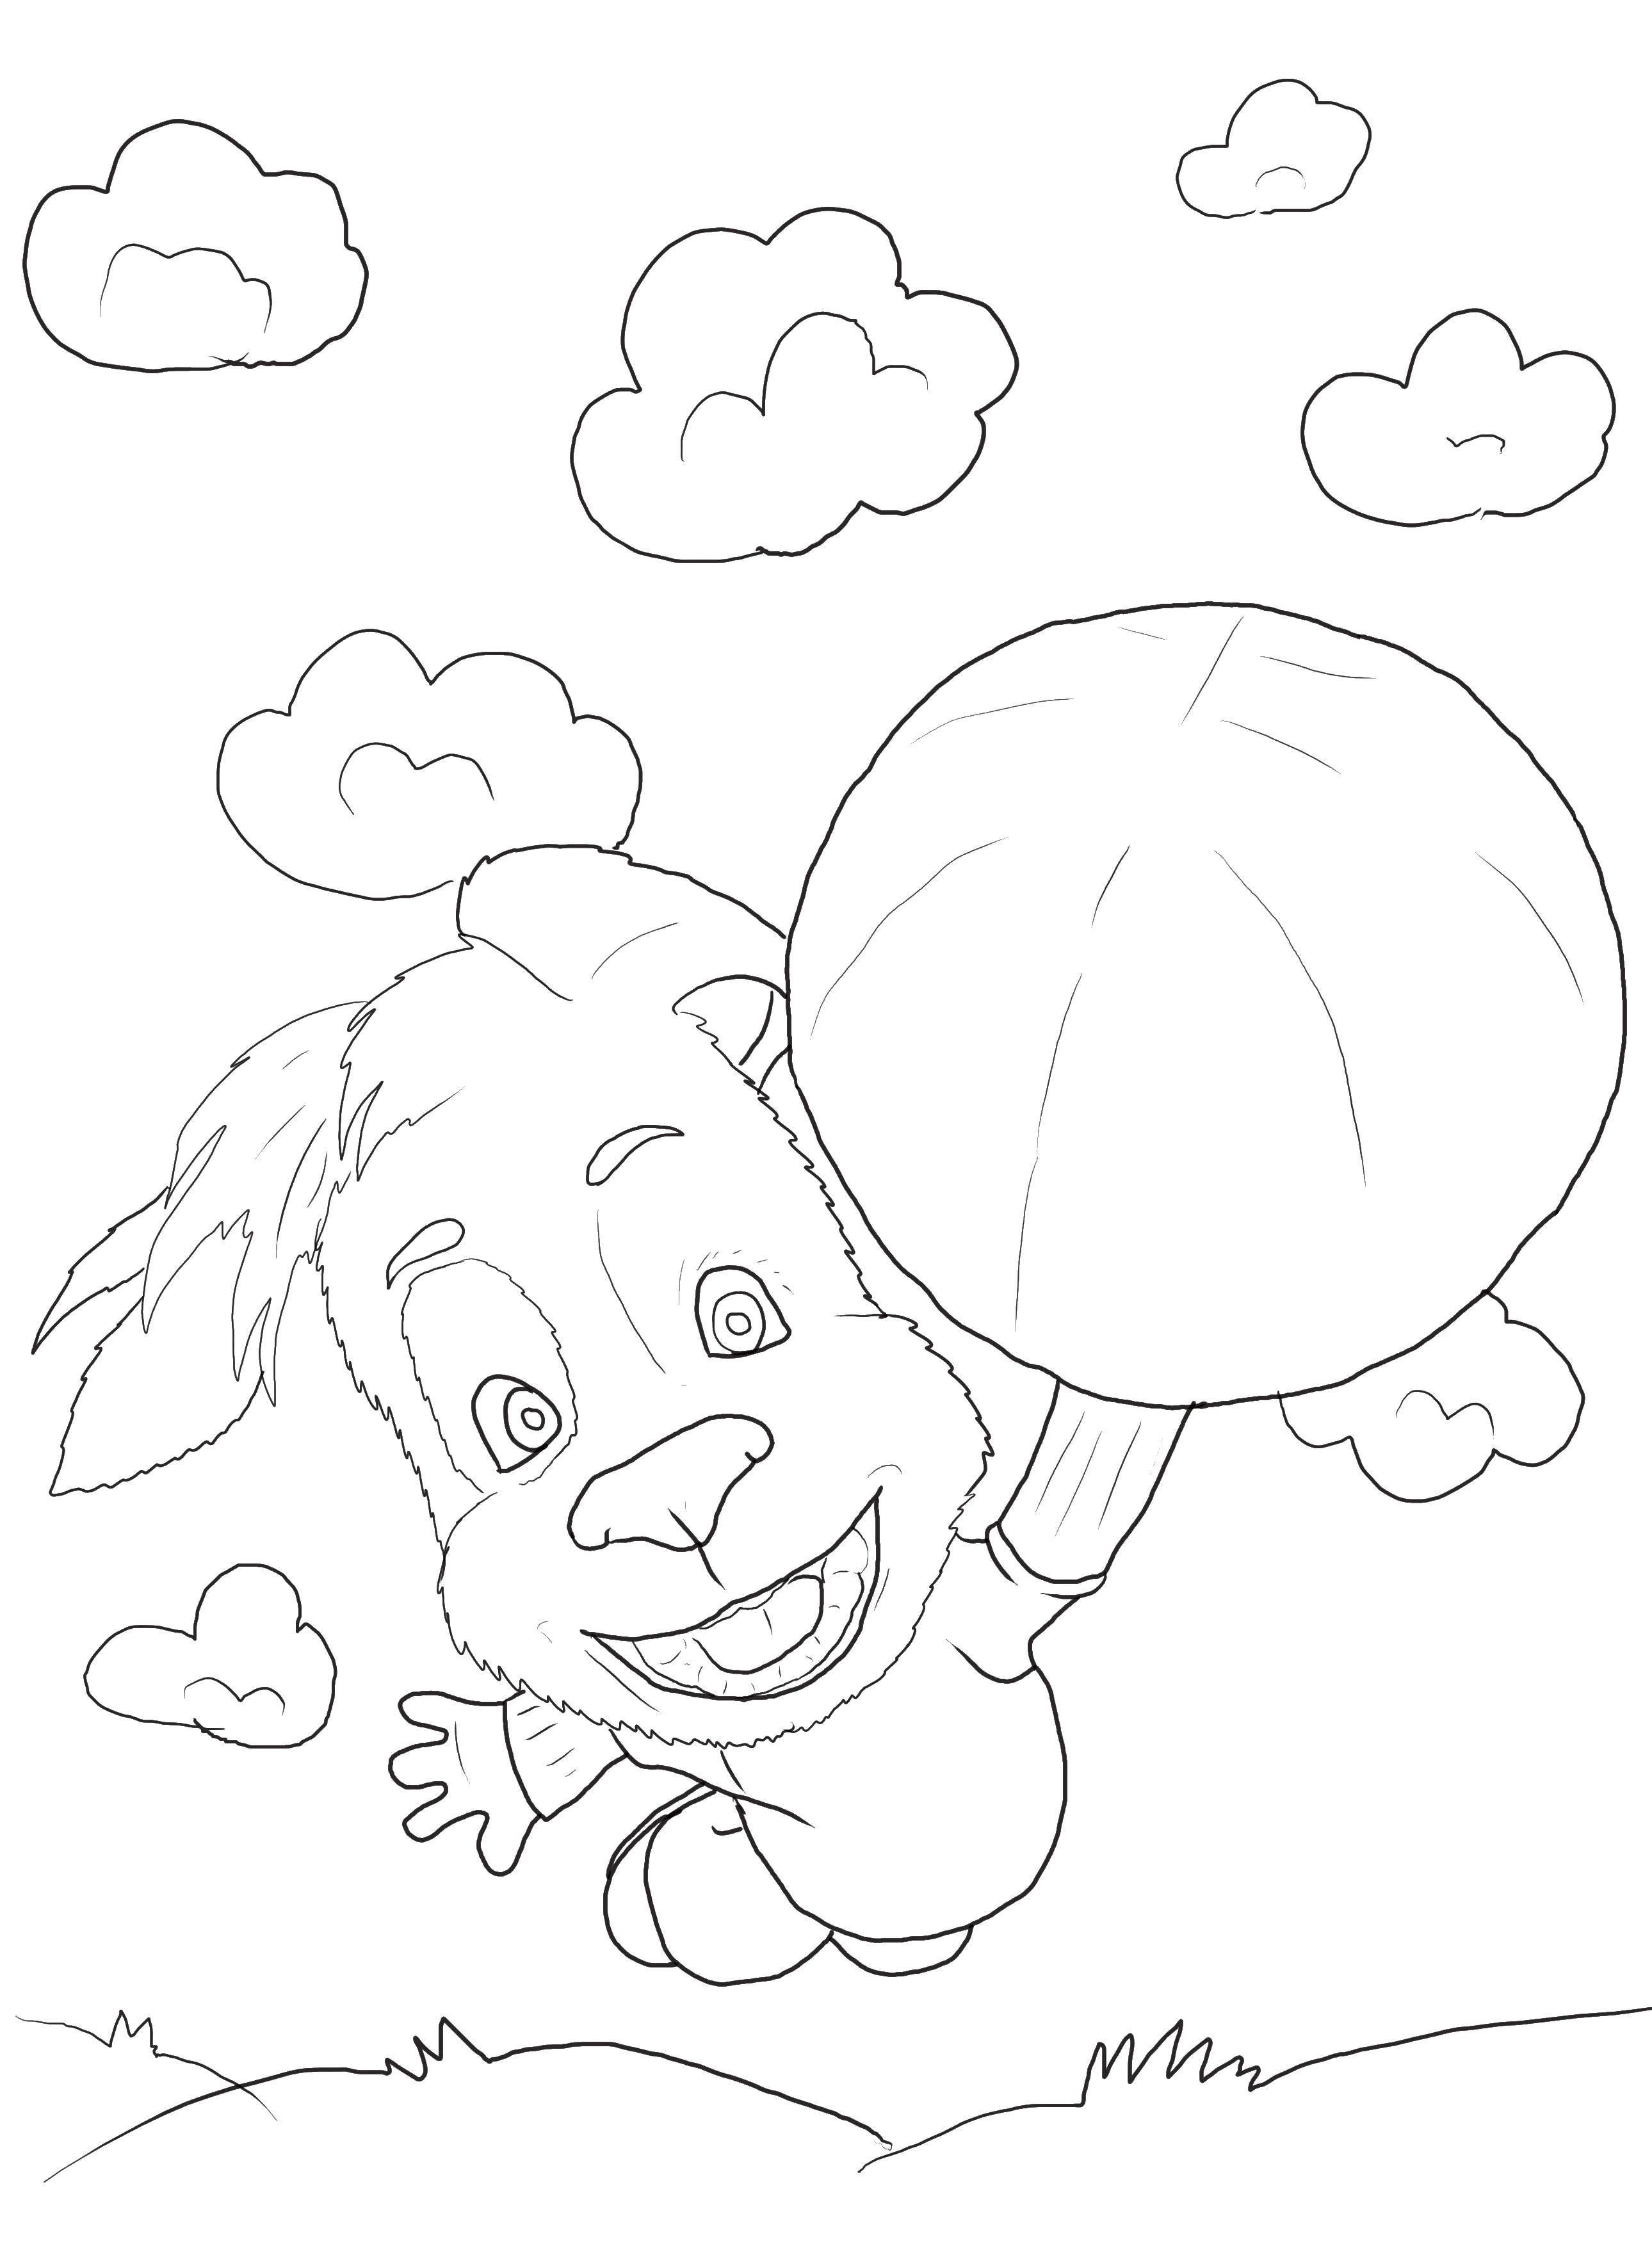 Название: Раскраска Собачка с мячом. Категория: Барбоскины. Теги: барбоскины, собаки, мяч.